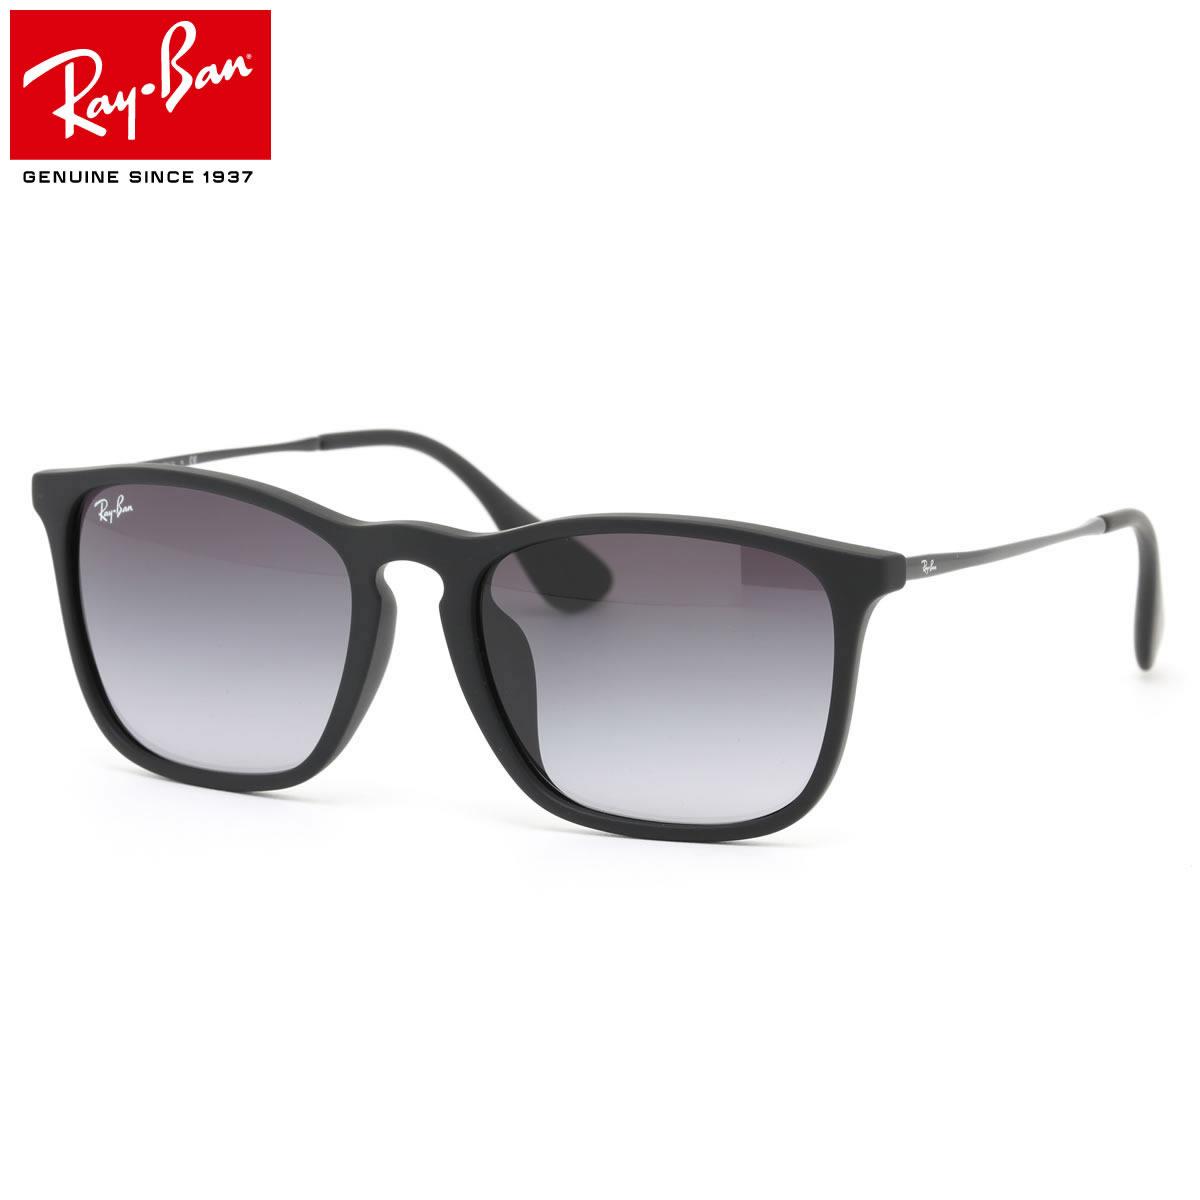 レイバン サングラス クリス Ray-Ban RB4187F 622/8G 54サイズレイバン RAYBAN CHRIS 6228G フルフィット メンズ レディース